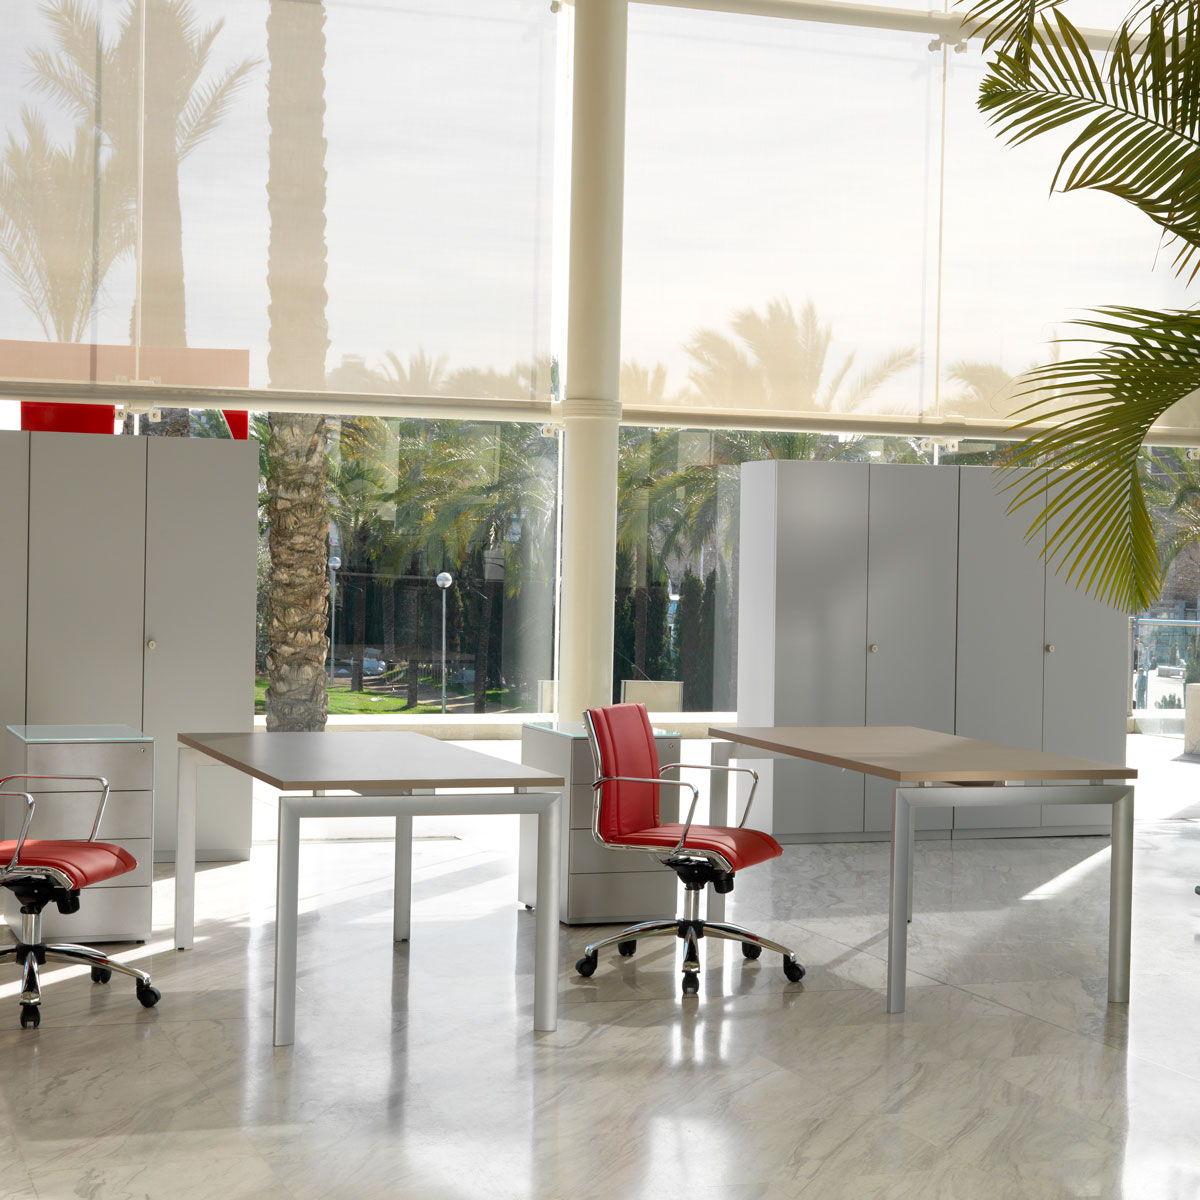 Mesas de oficina salma - Mesas de oficina ...